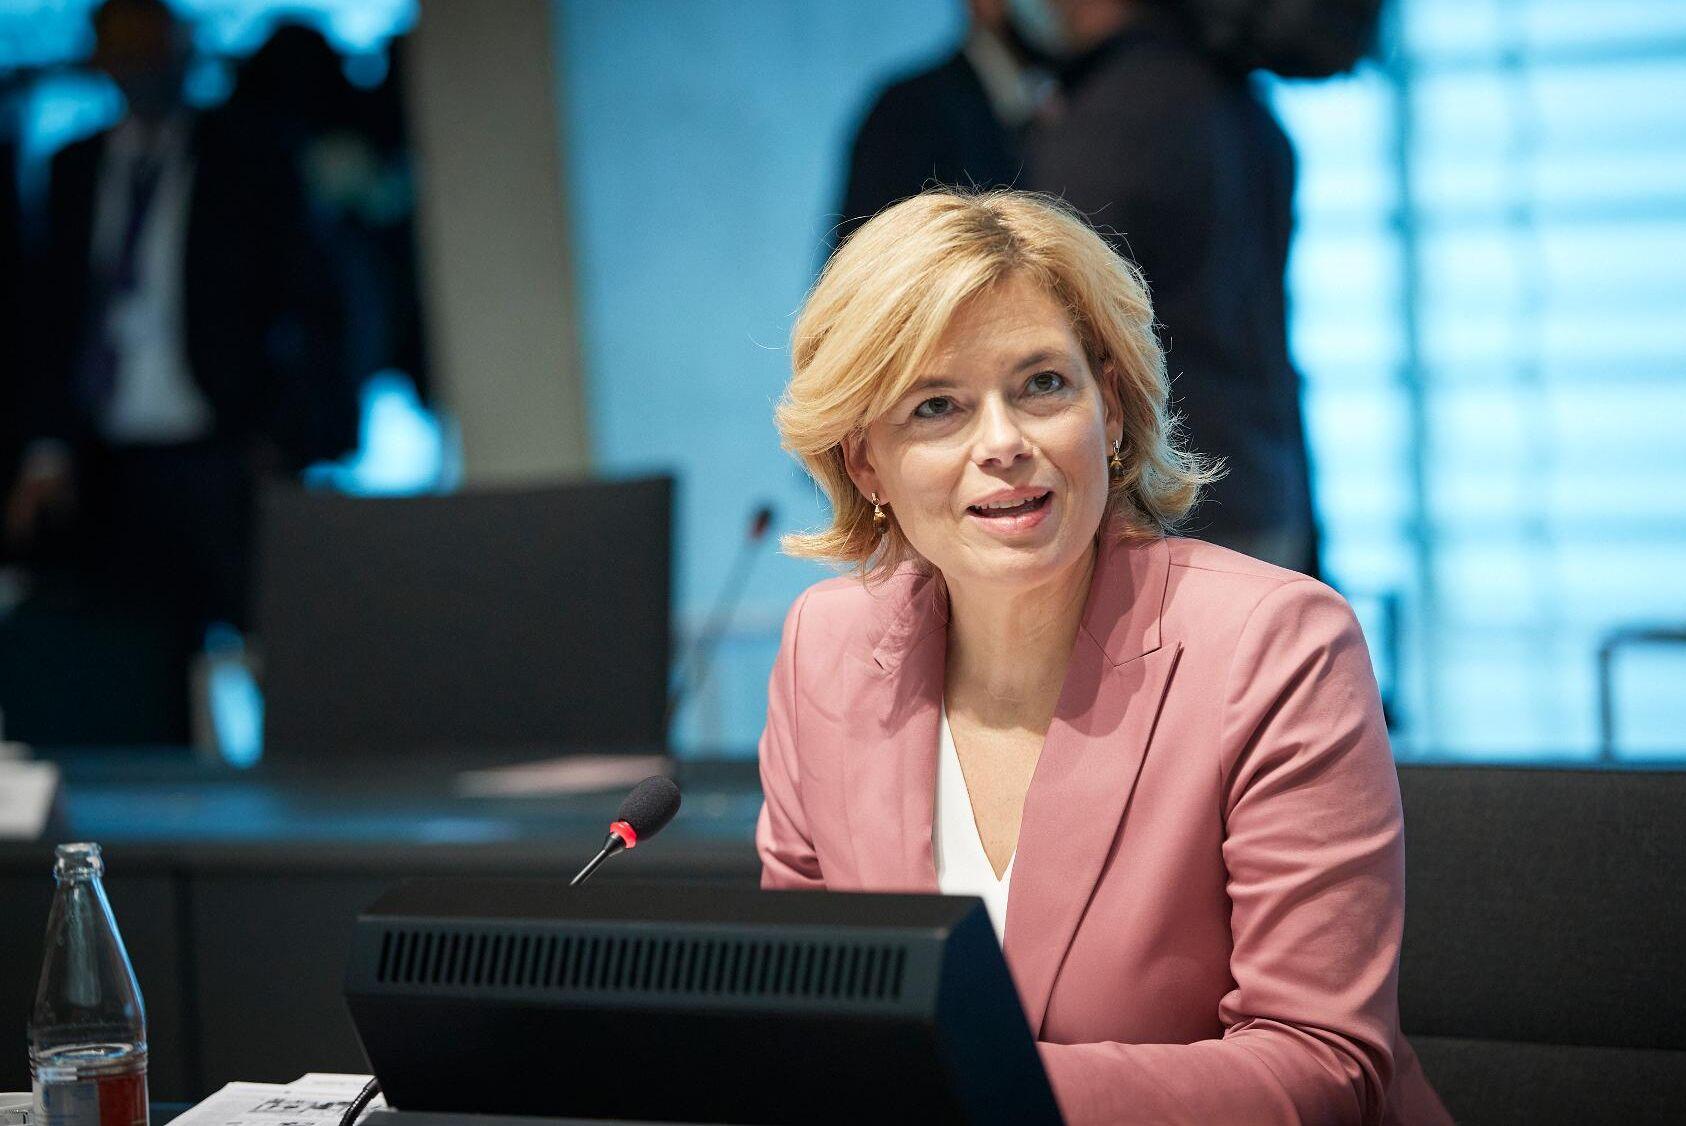 Tysklands jordbruksminister Julia Klöckner, som under det tyska ordförandeskapet leder jordbruksministerrådet, har rykte om sig att vara en duktig förhandlare.